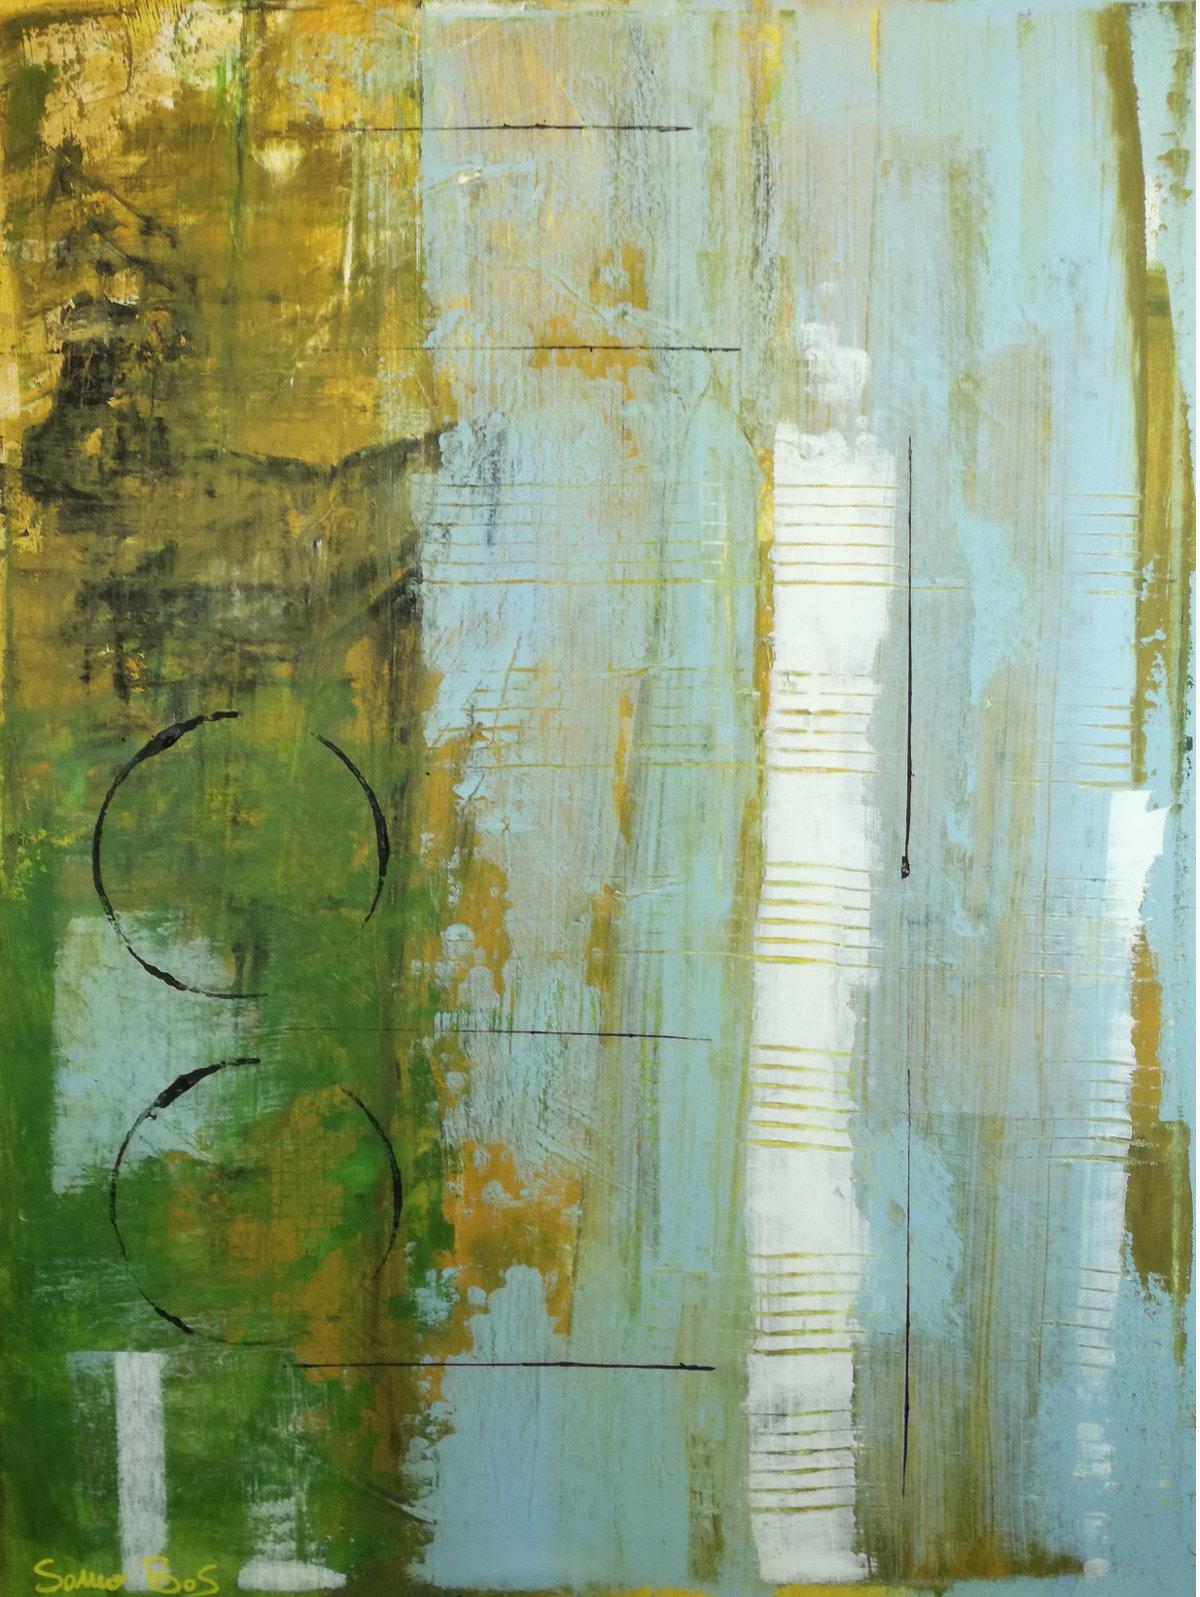 forest 1astratto - dipinti moderni  fatti a mano 80x60 olio su tela